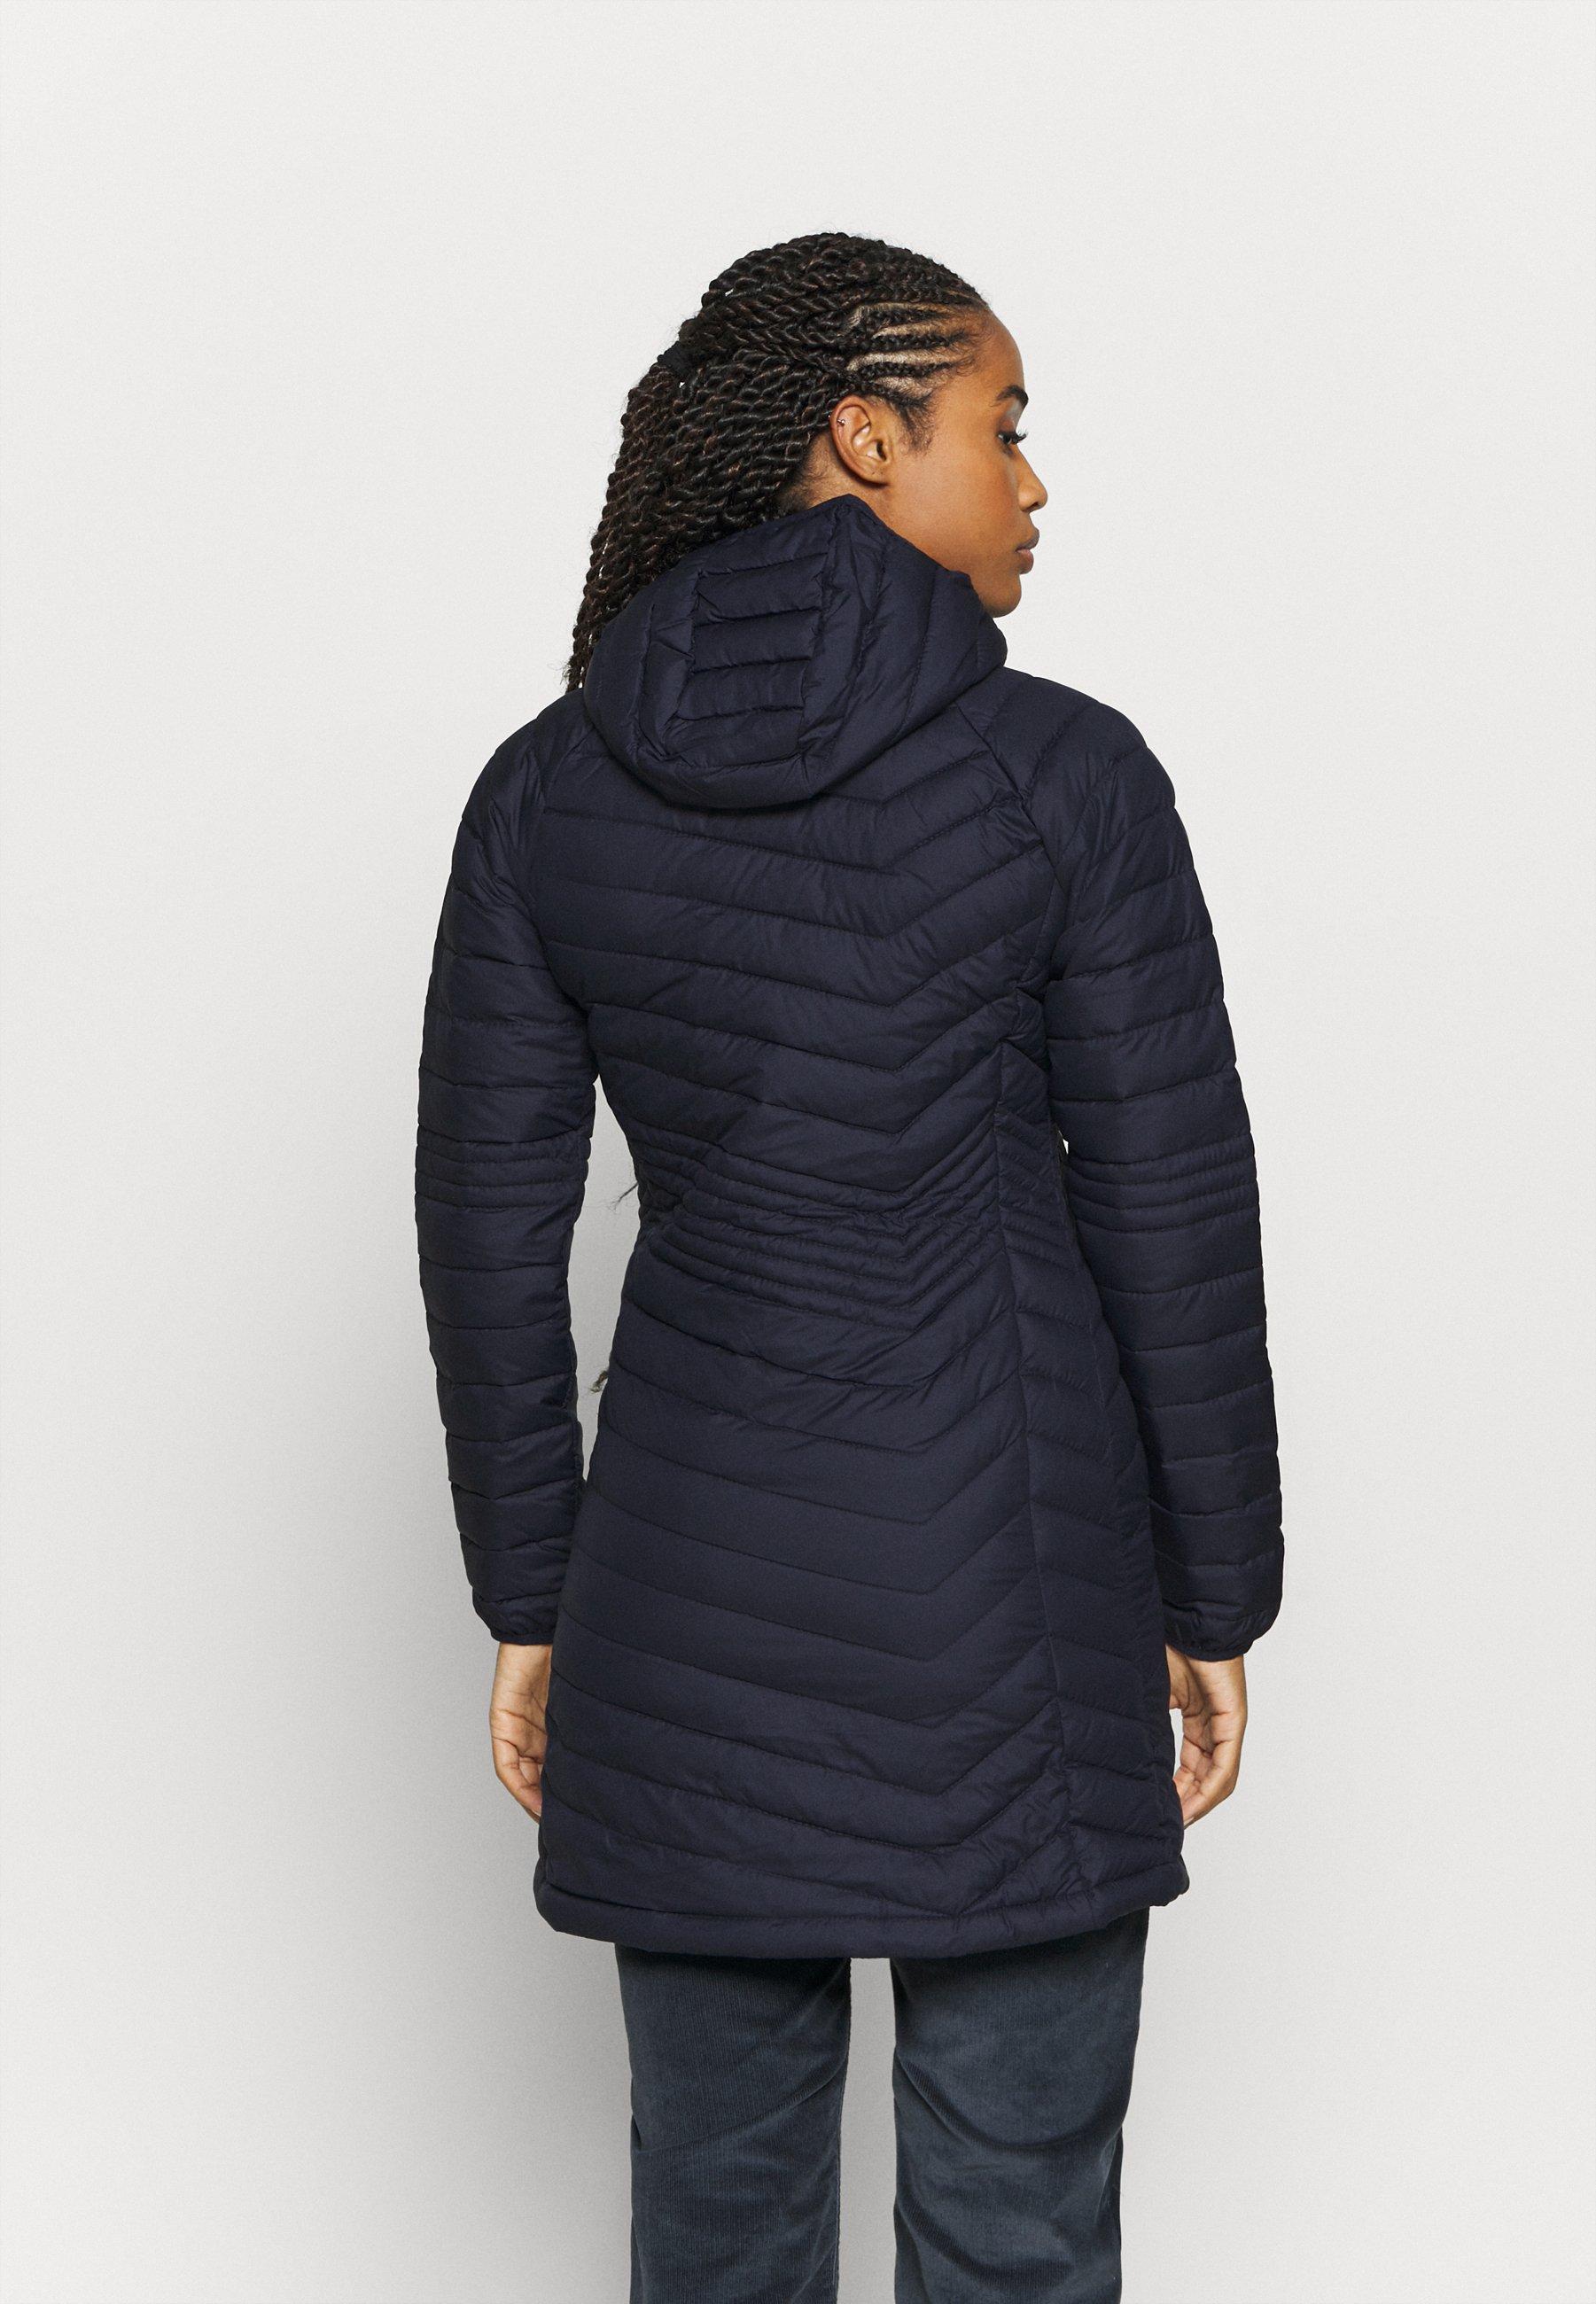 Columbia POWDER LITE MID JACKET - Winter coat - dark nocturnal 7efPZ